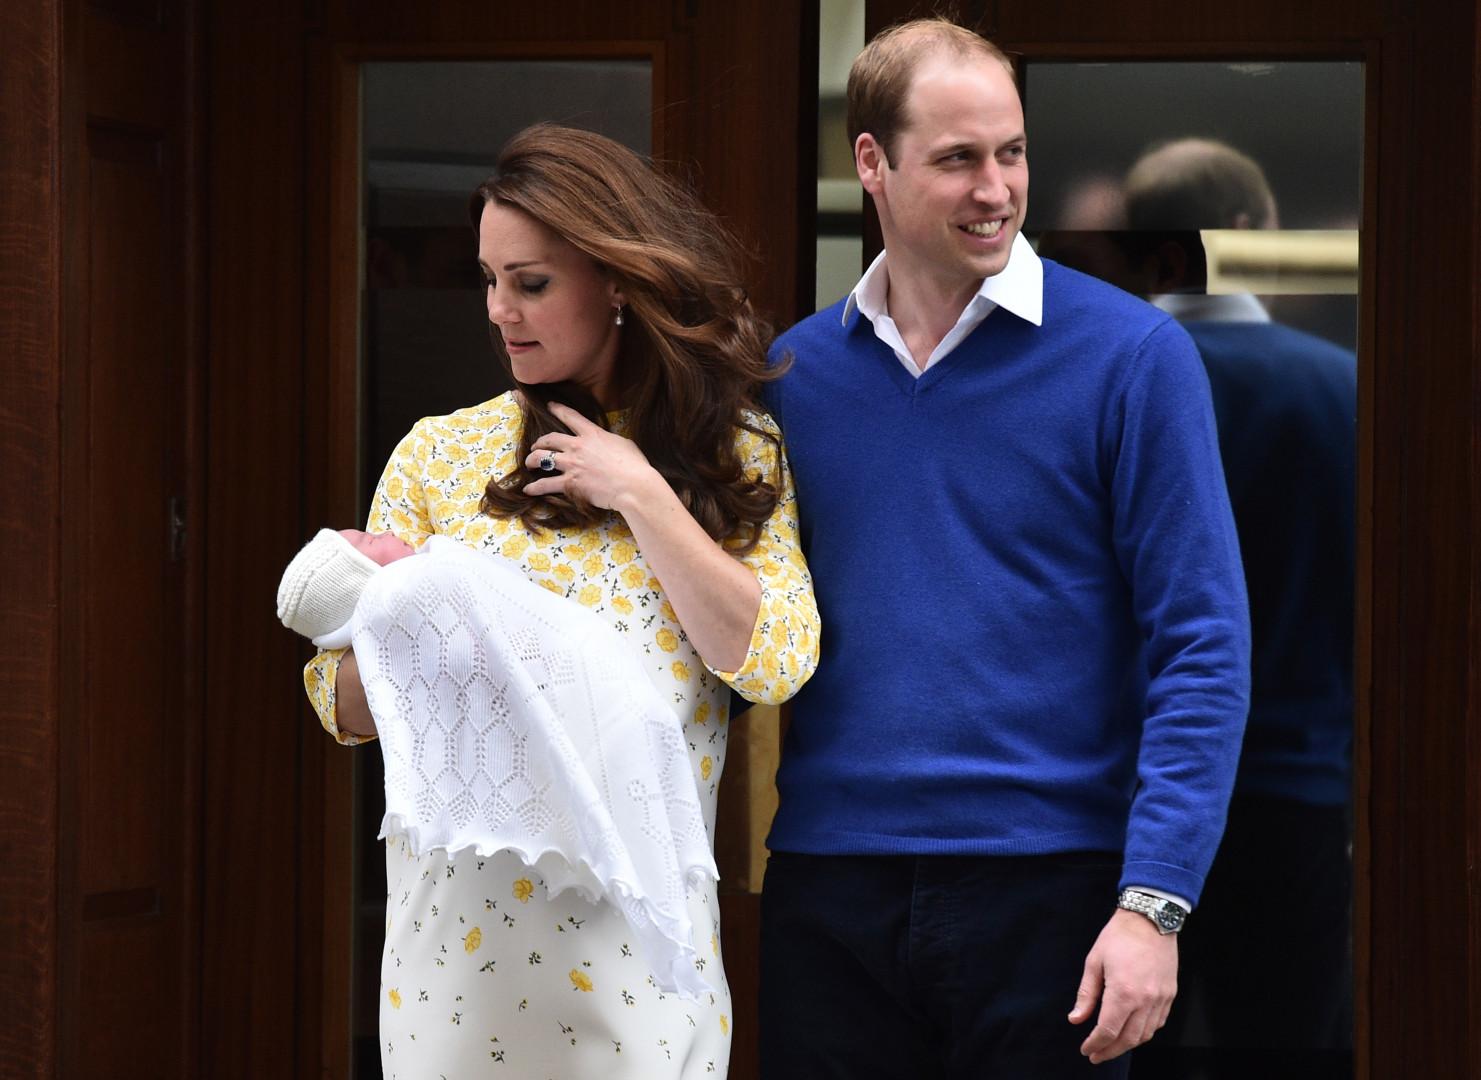 La princesse Charlotte présentée officiellement le 2 mai à la presse et au peuple